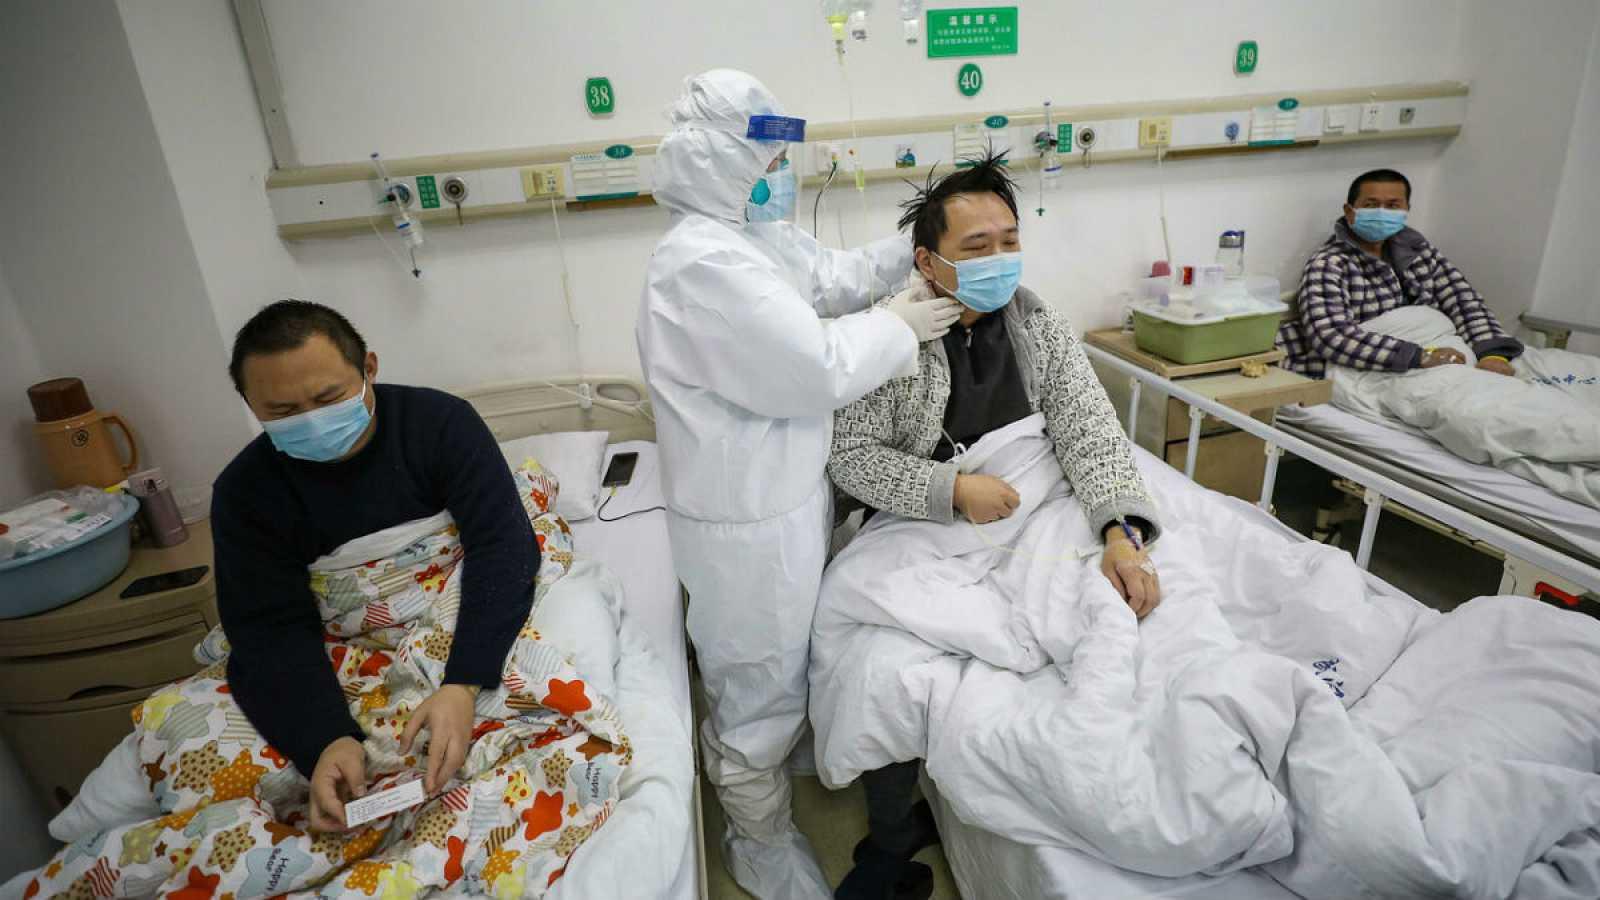 Un médico se encarga de comprobar el estado de un hombre en una camilla, afectado por el Covid-19.